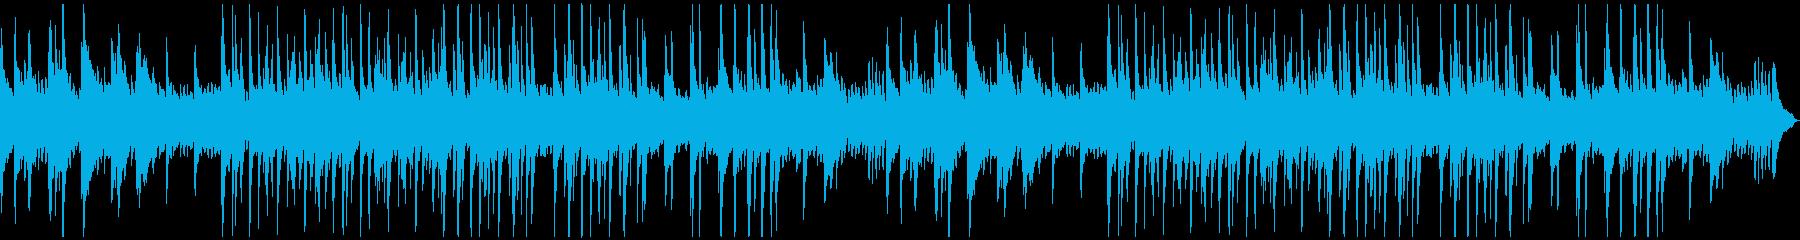 ゆったり落ち着いたムードのソロ・ピアノ曲の再生済みの波形